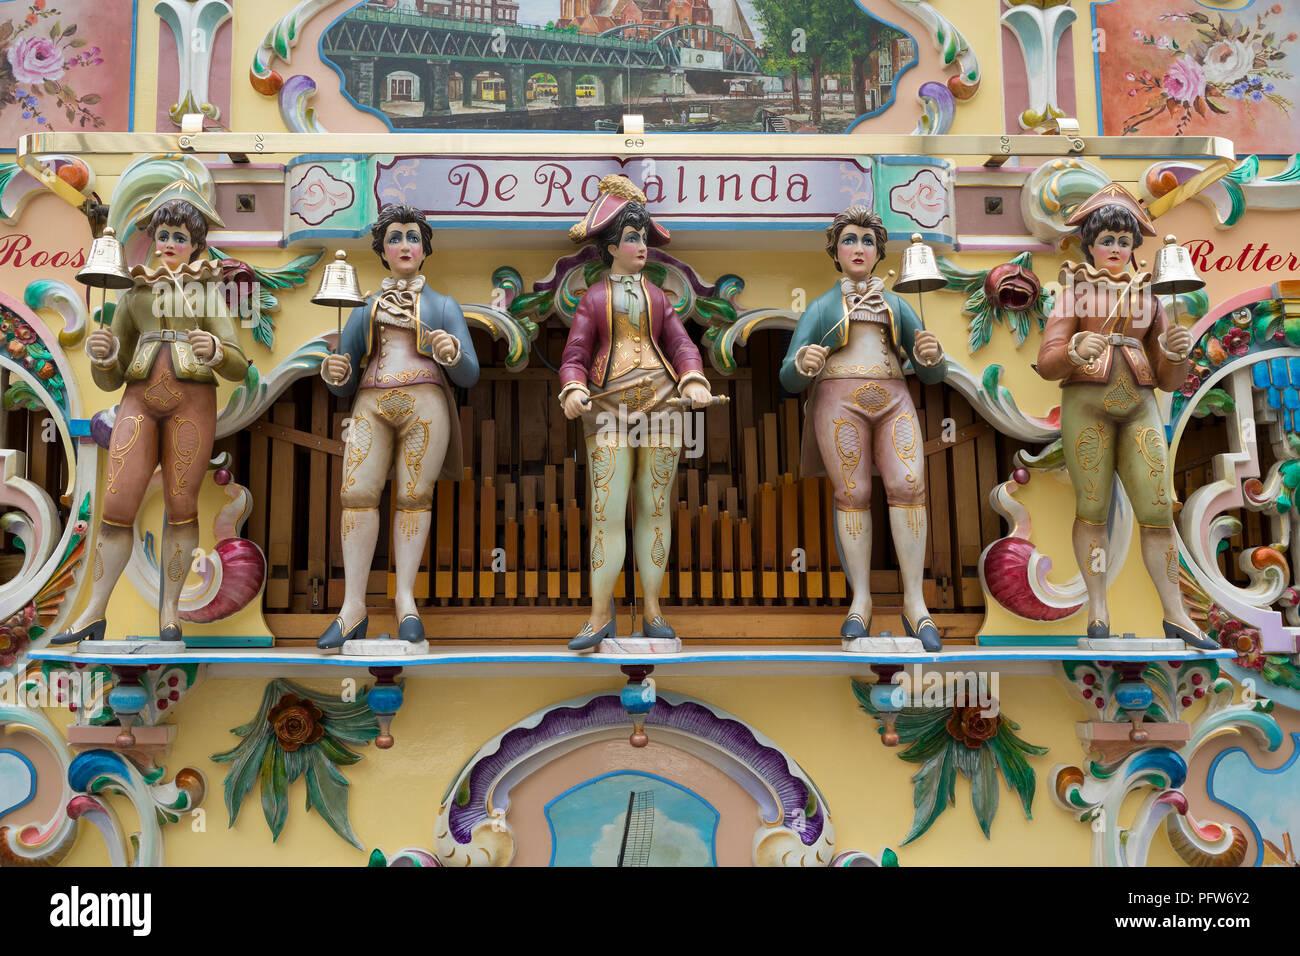 Rotterdam, Niederlande - 7. Juli 2018: Nahaufnahme der Puppen auf eine traditionelle holländische Straße Drehorgel mit dem Namen Rosalinda Stockbild